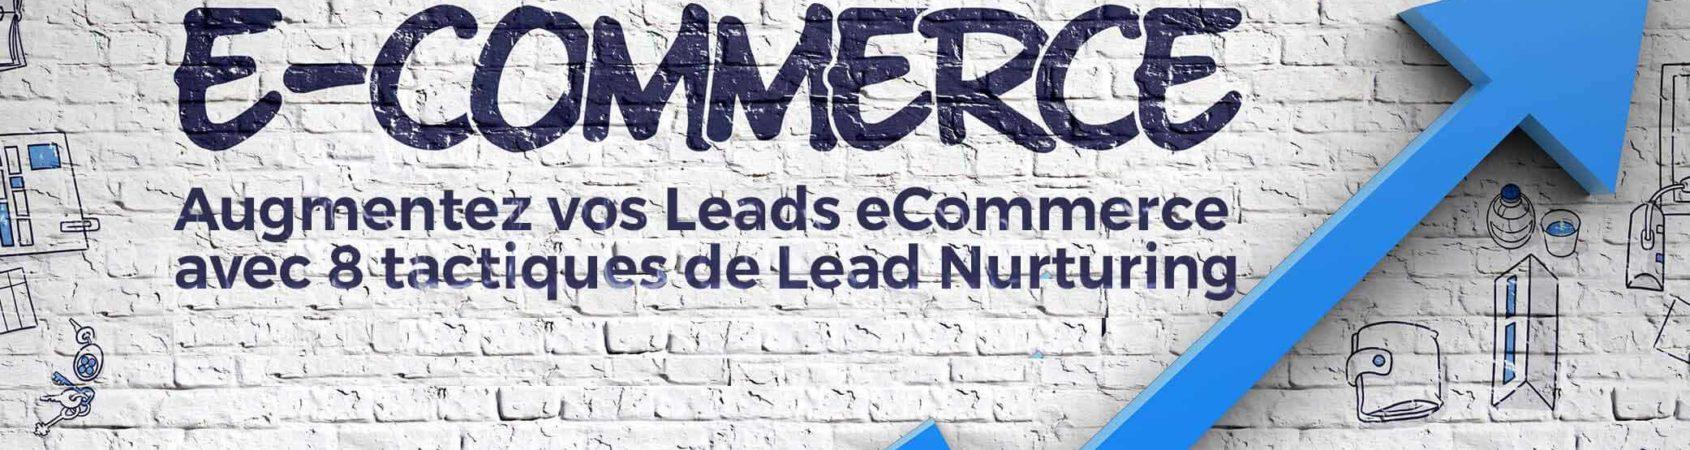 Augmentez vos Leads eCommerce avec 8 tactiques de Lead Nurturing